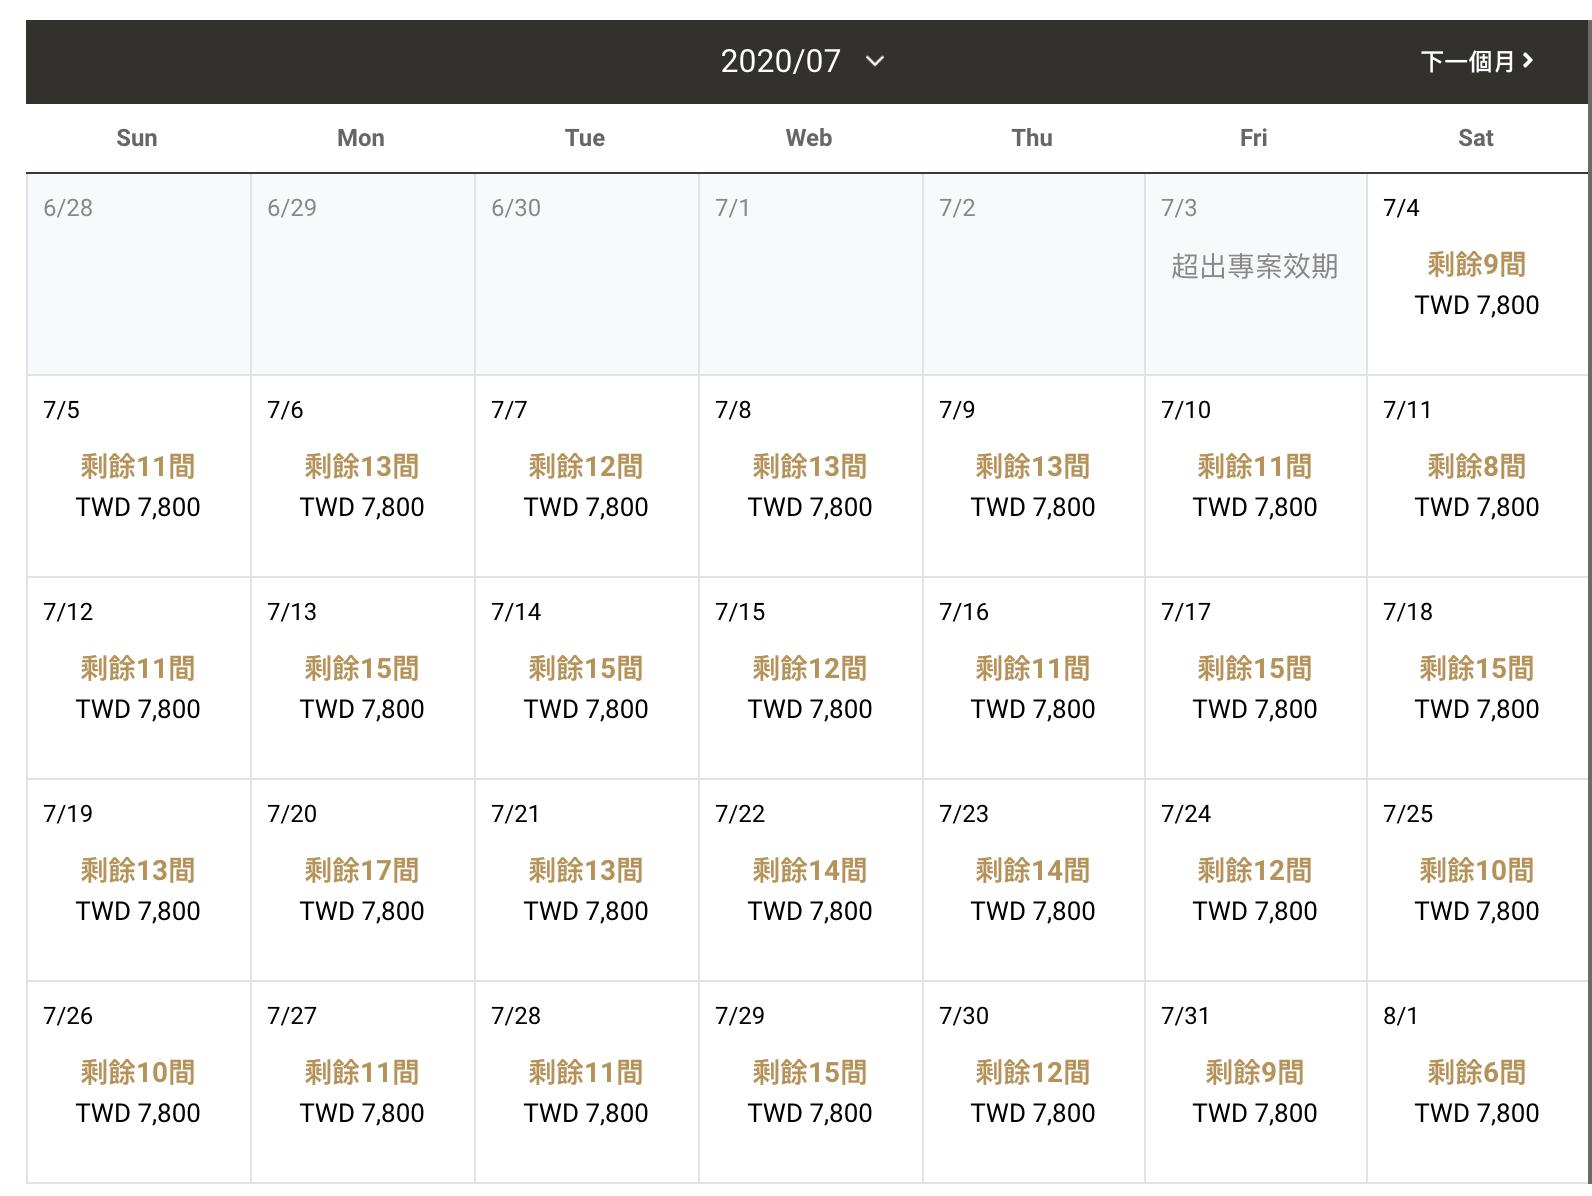 暑假遊晶華+礁溪,7800元起~不含早餐、送牛排~晶華假日不加價~